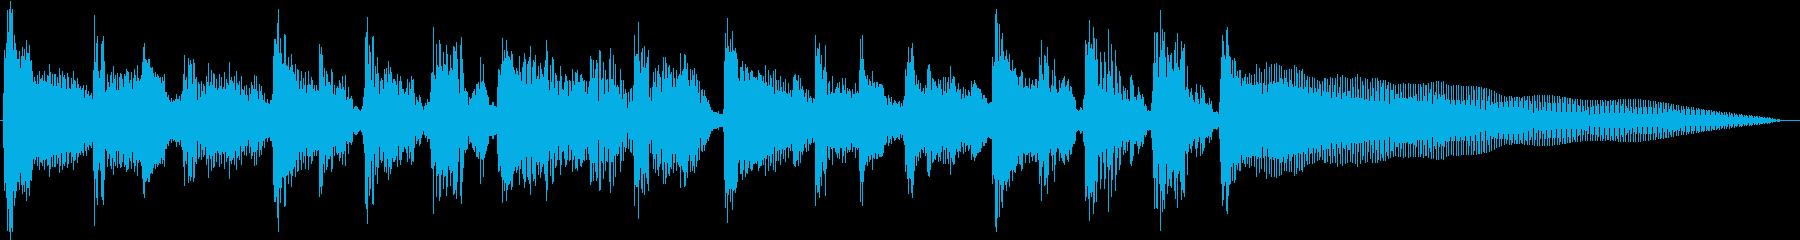 バーナードセグ1の再生済みの波形